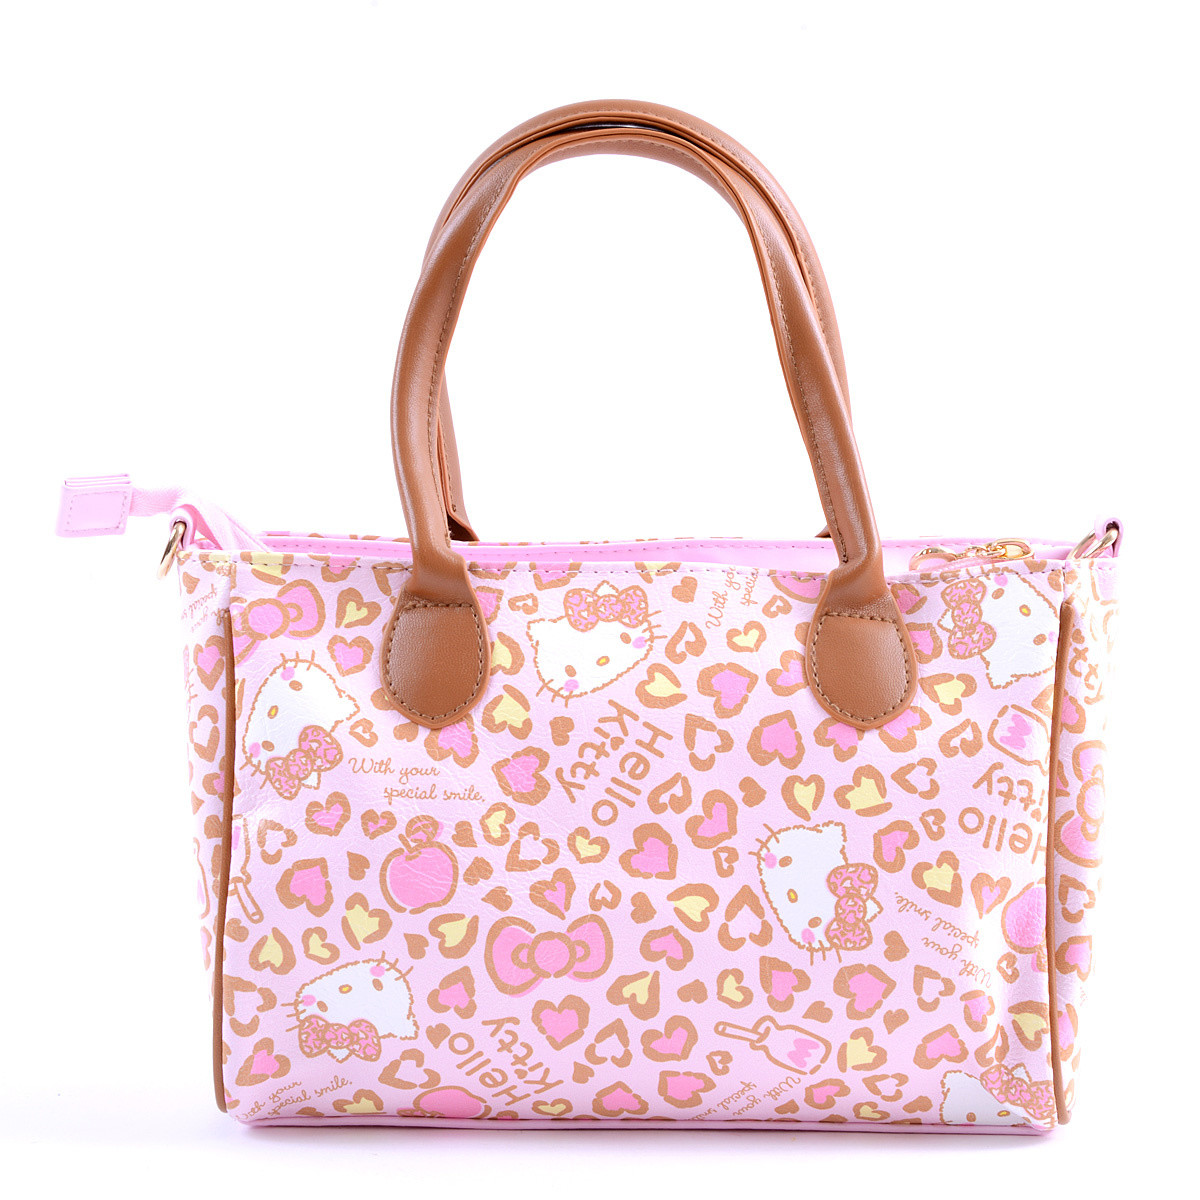 7effc75046 Hello Kitty Pink Leopard Shoulder Bag